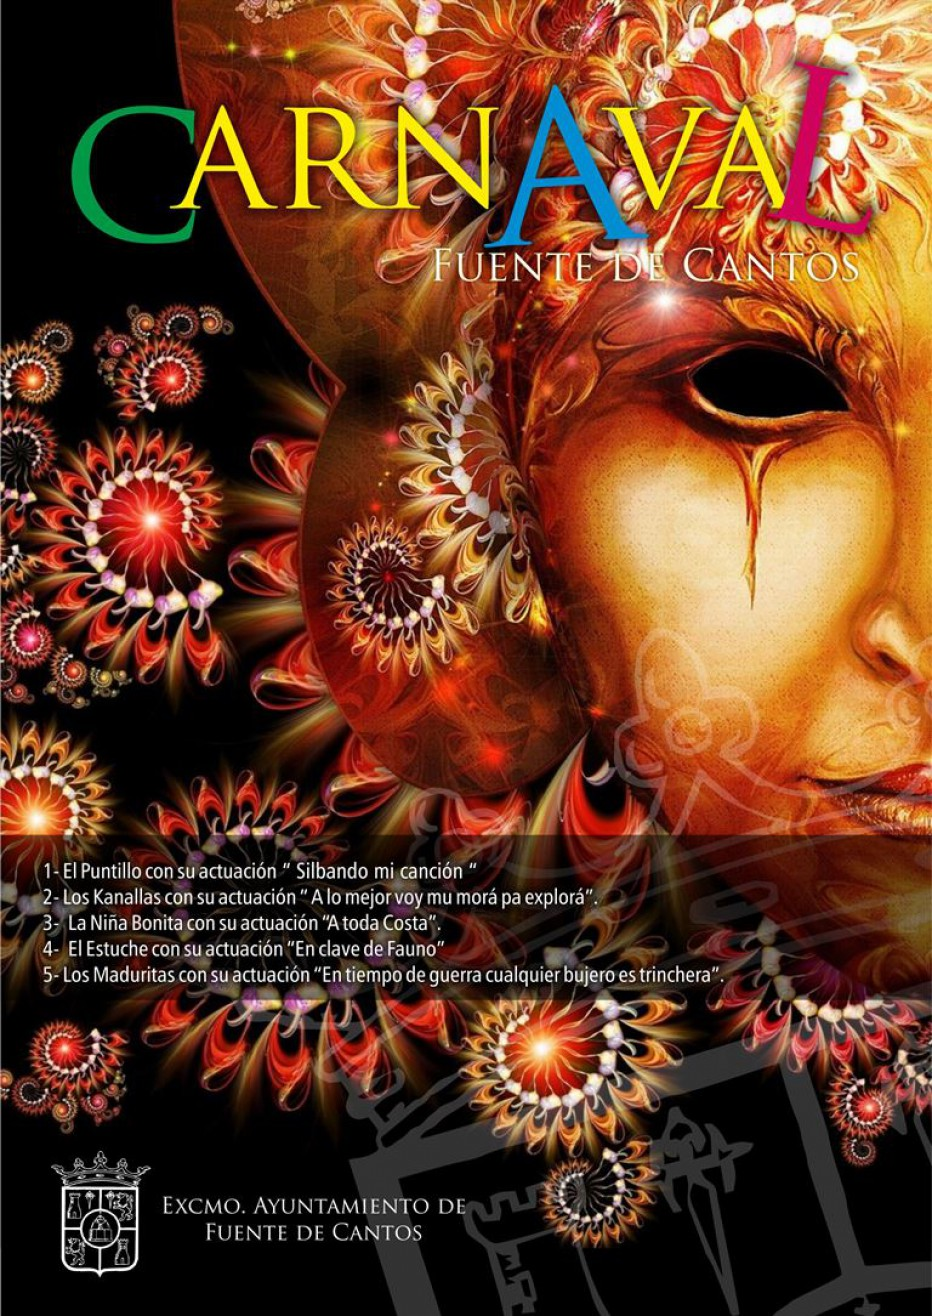 Carnaval de Fuente de Cantos 2016